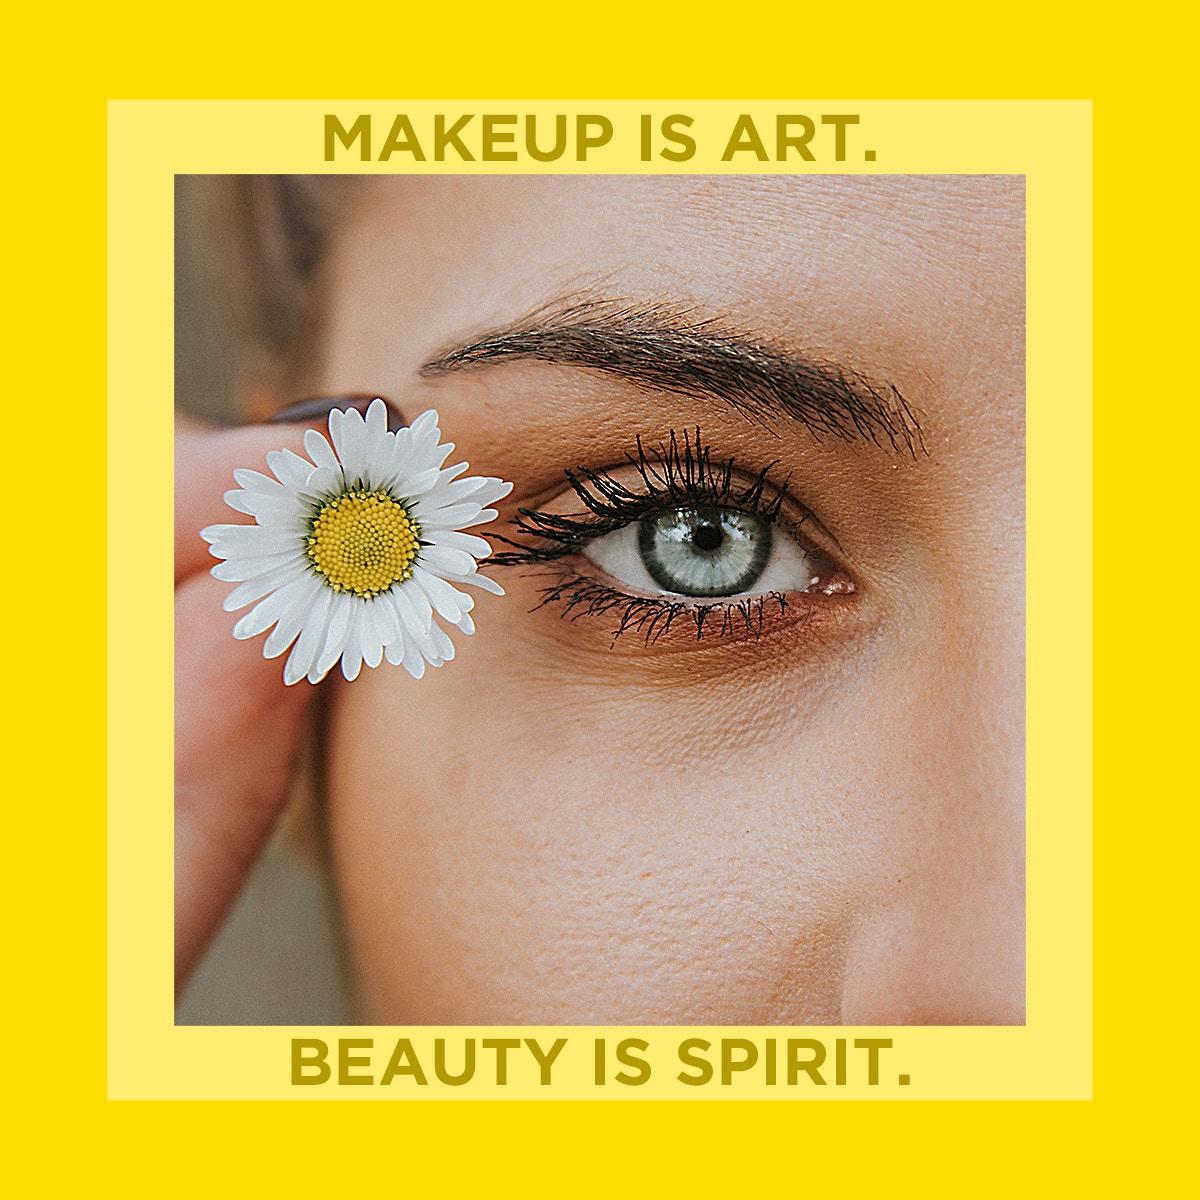 #makeup #beauty #inspire 💜💜💜